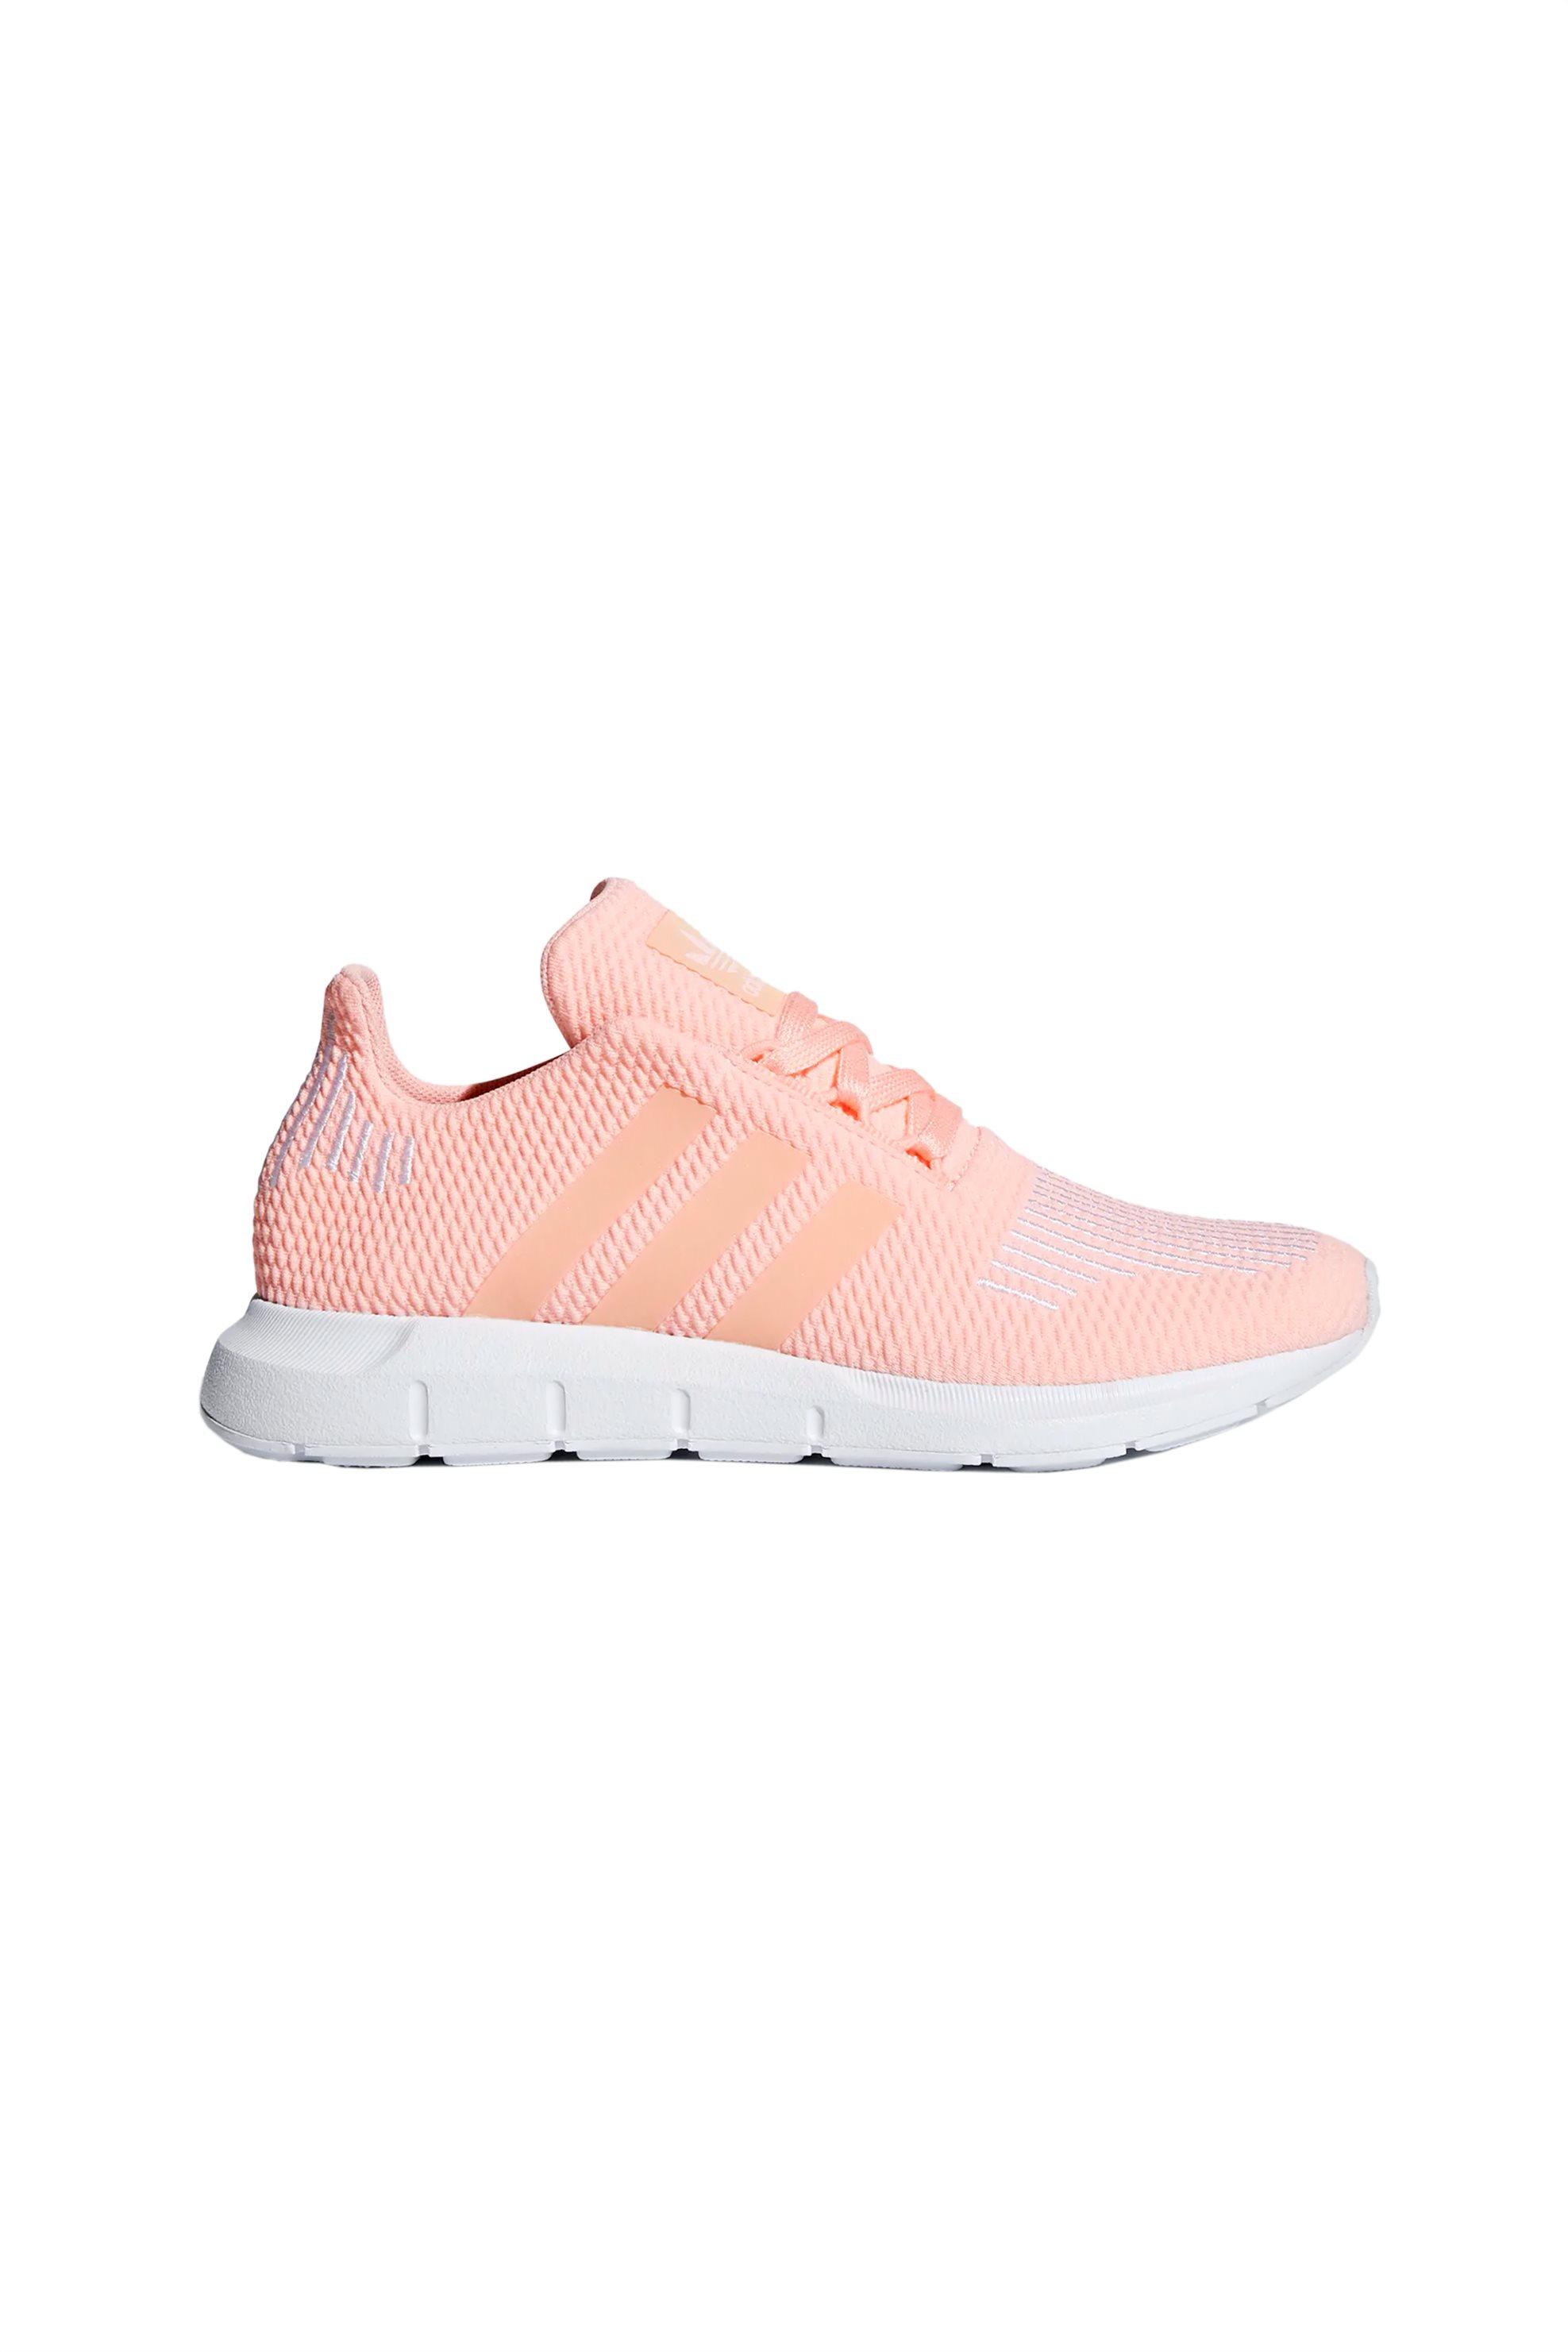 ecd45b22371 -20% Notos Adidas παιδικά αθλητικά παπούτσια Swift Run – CG6910 – Σομον